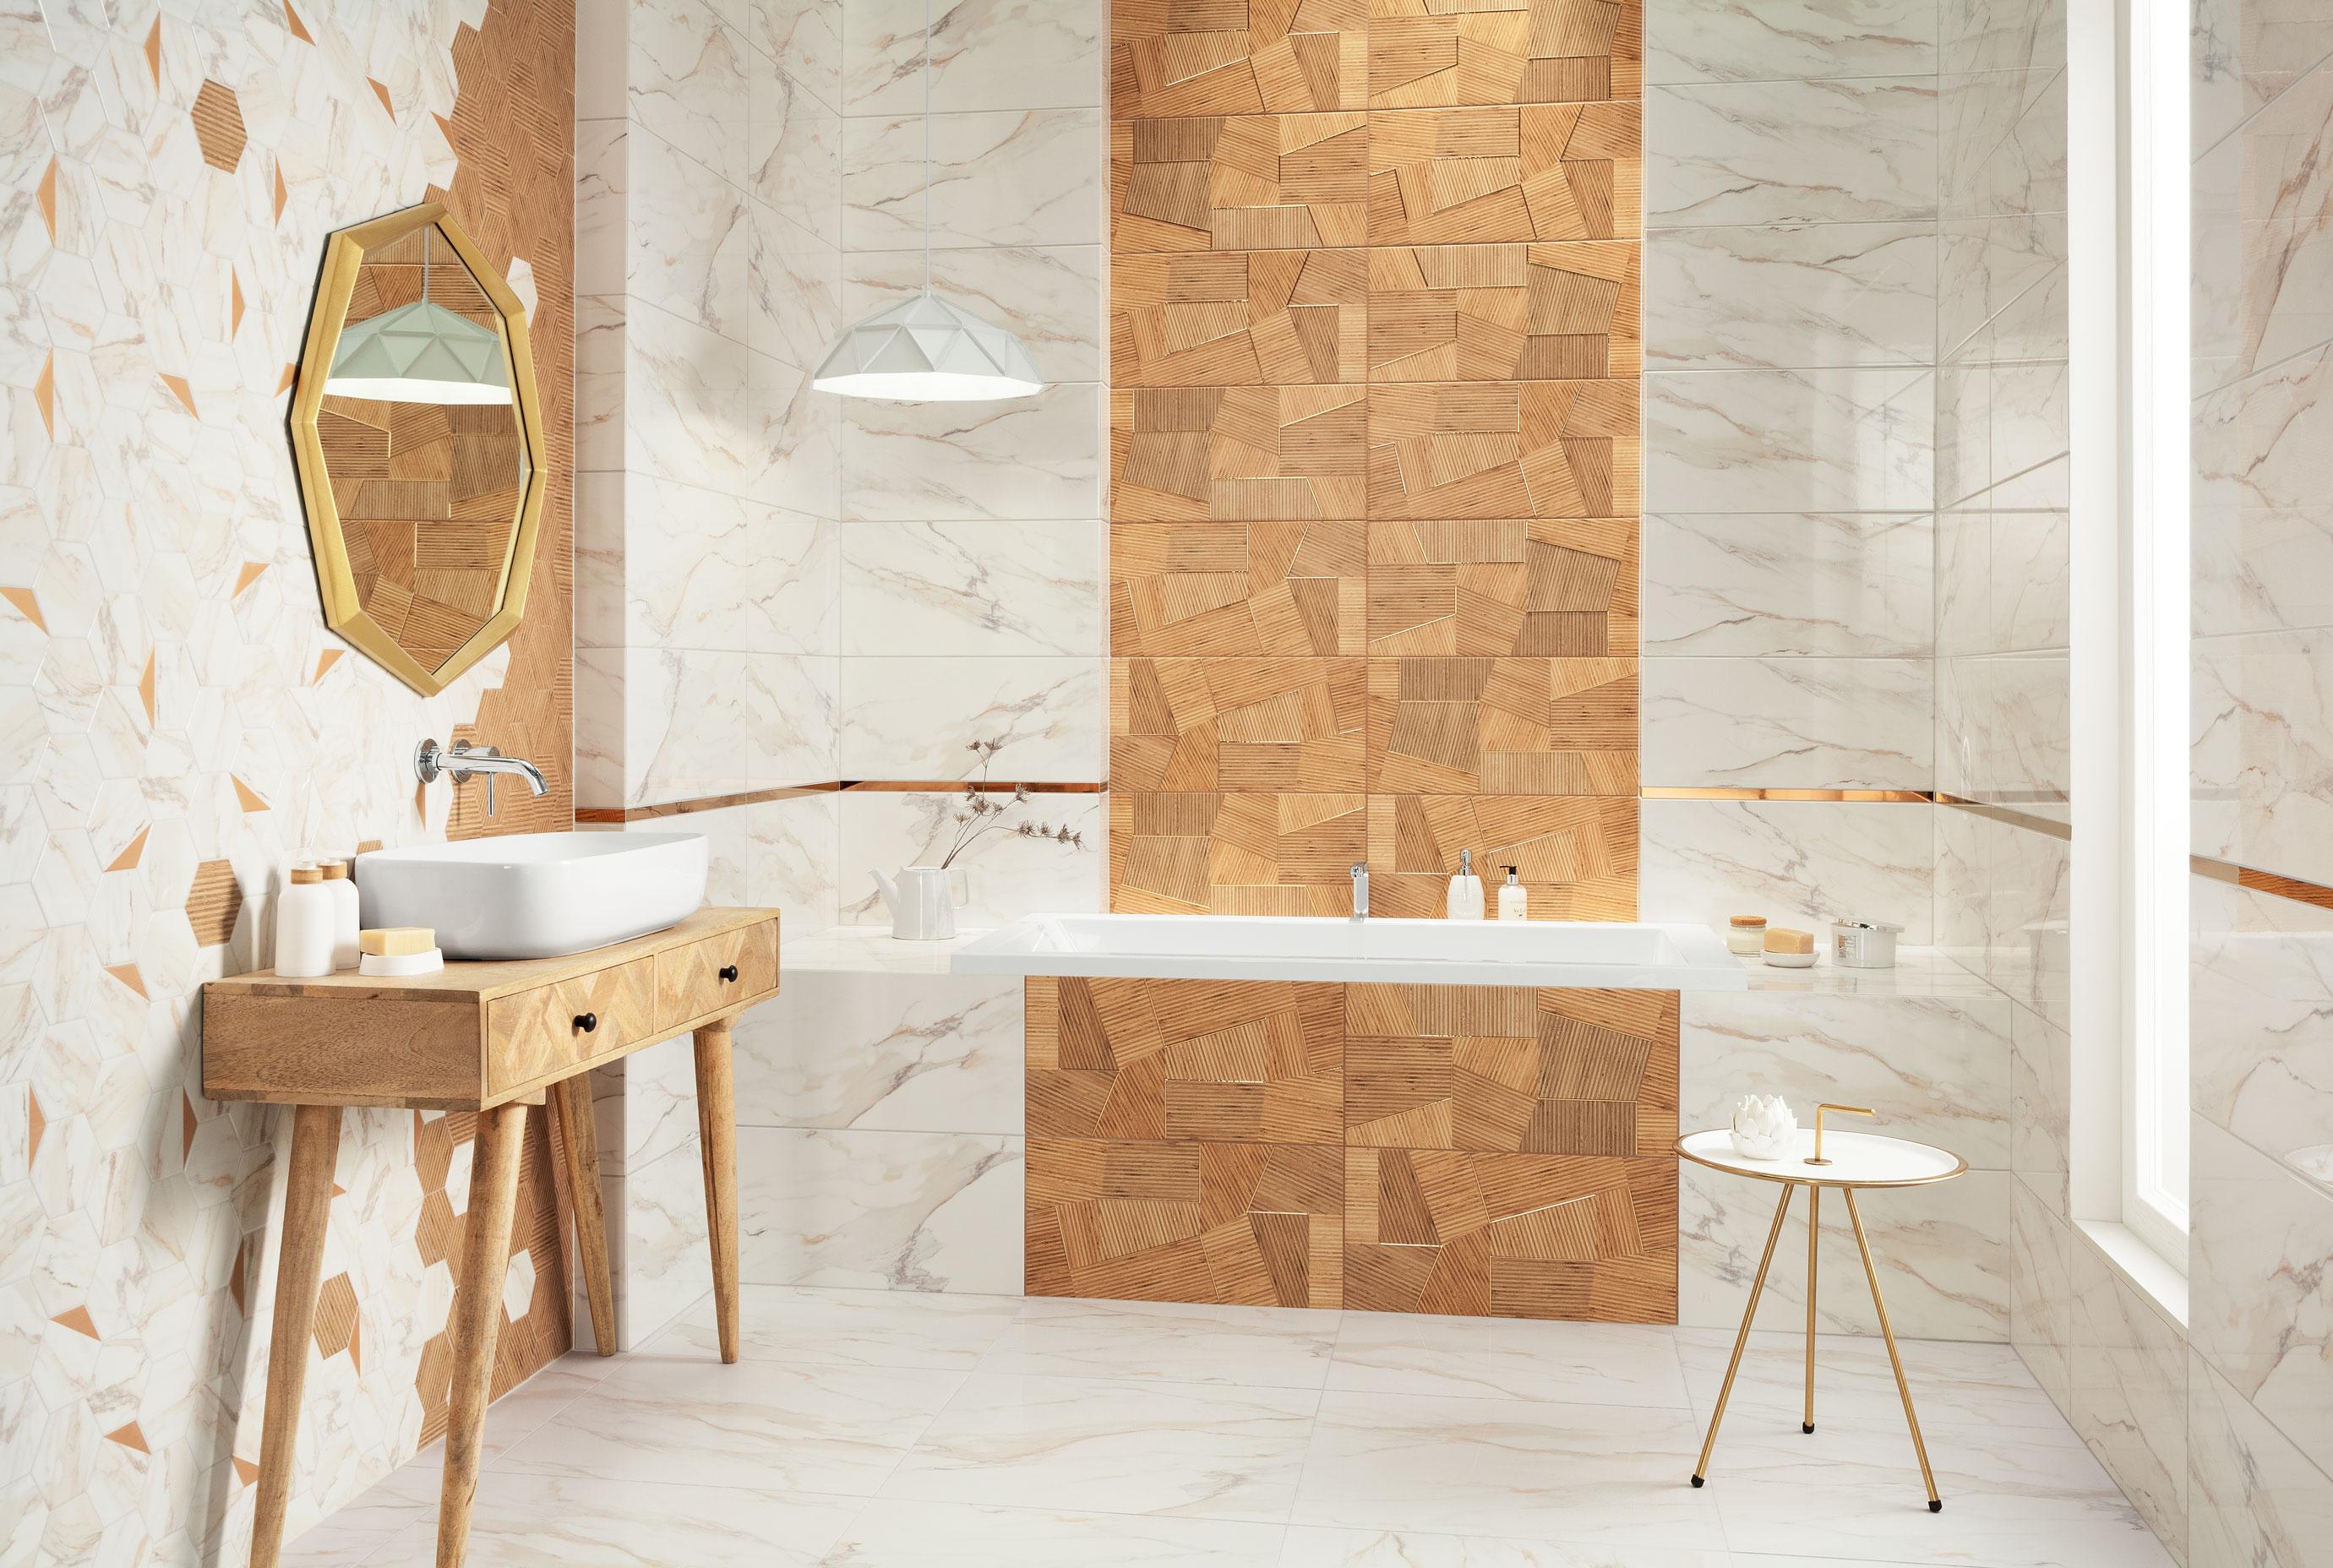 Łazienka z charakterem - nowości marki DOMINO w formacie 30 x 60 cm